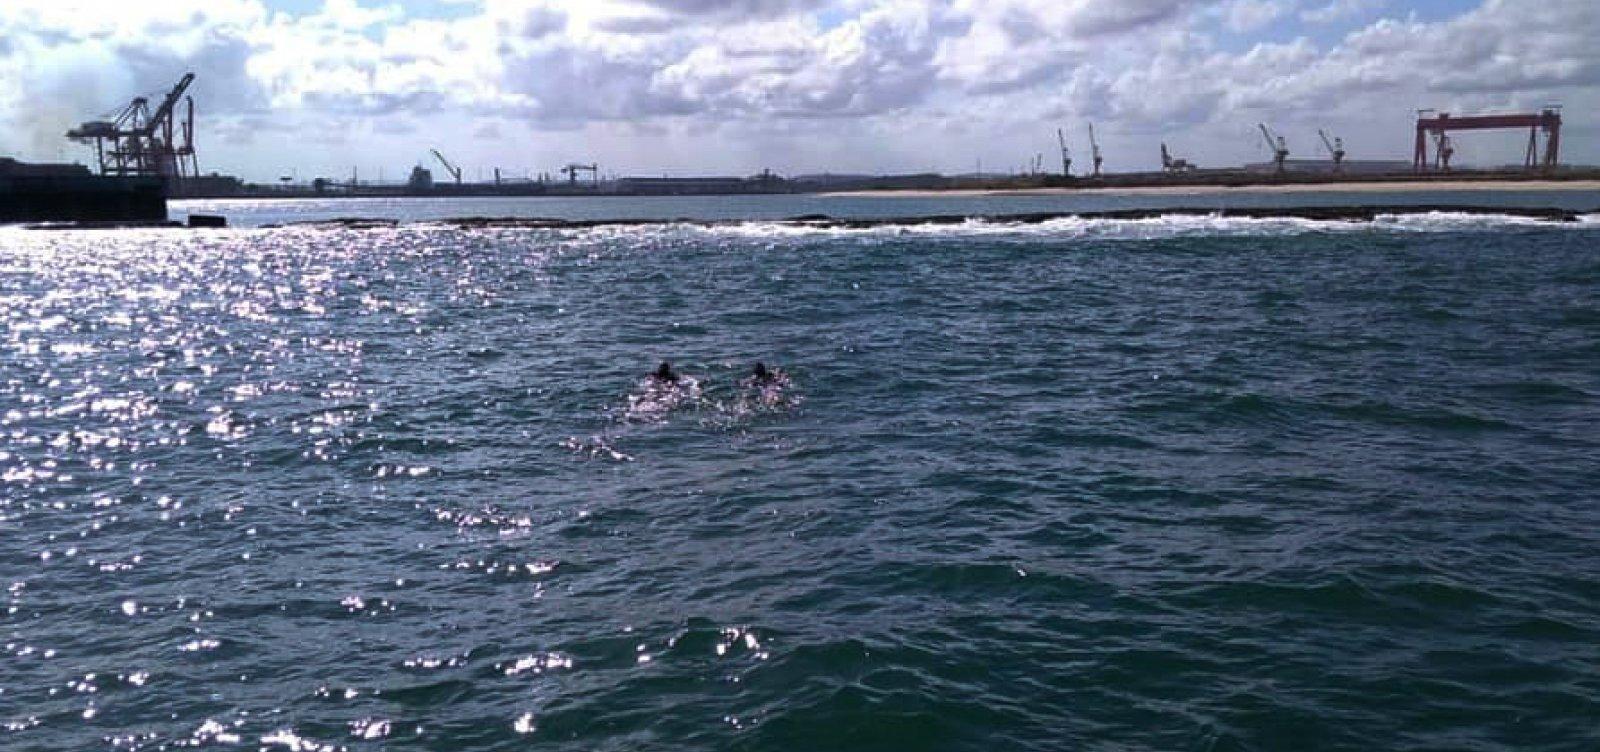 Rastro de óleo não é do navio grego Bouboulina, diz cientista da Ufal